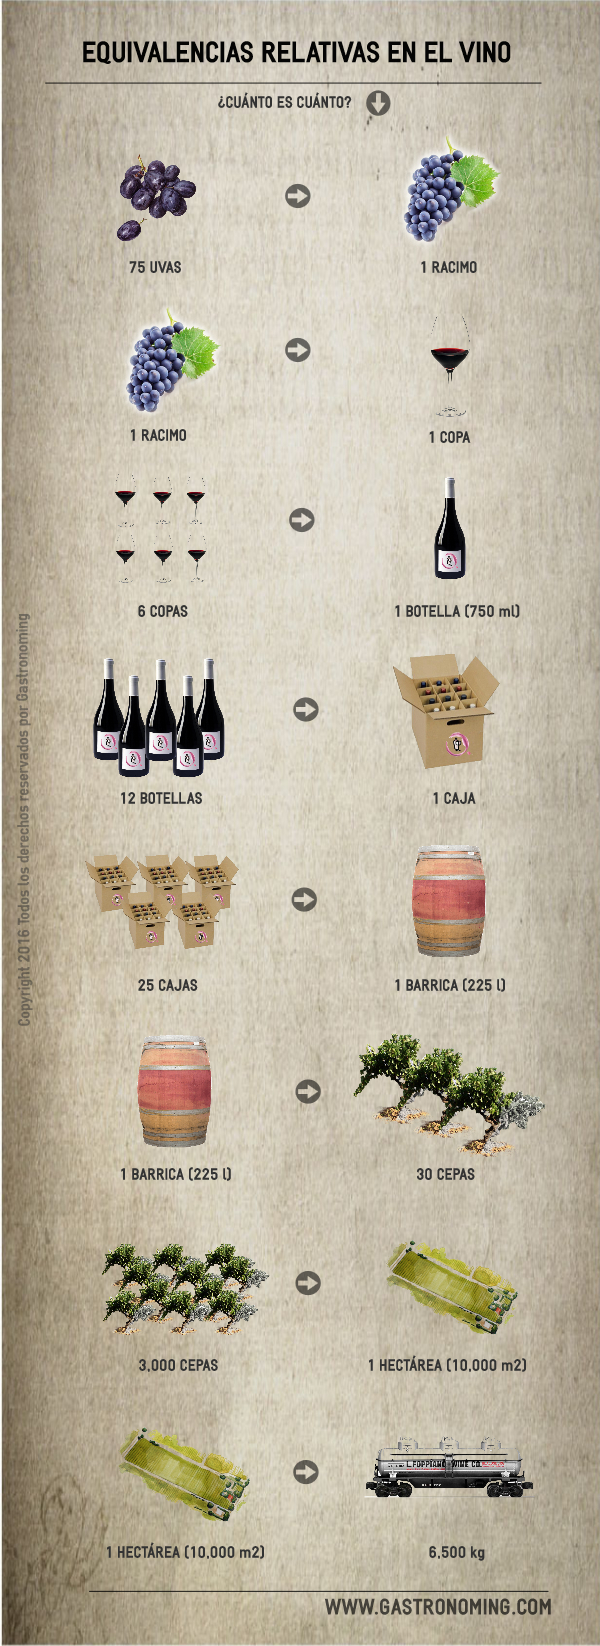 equivalencias en el vino